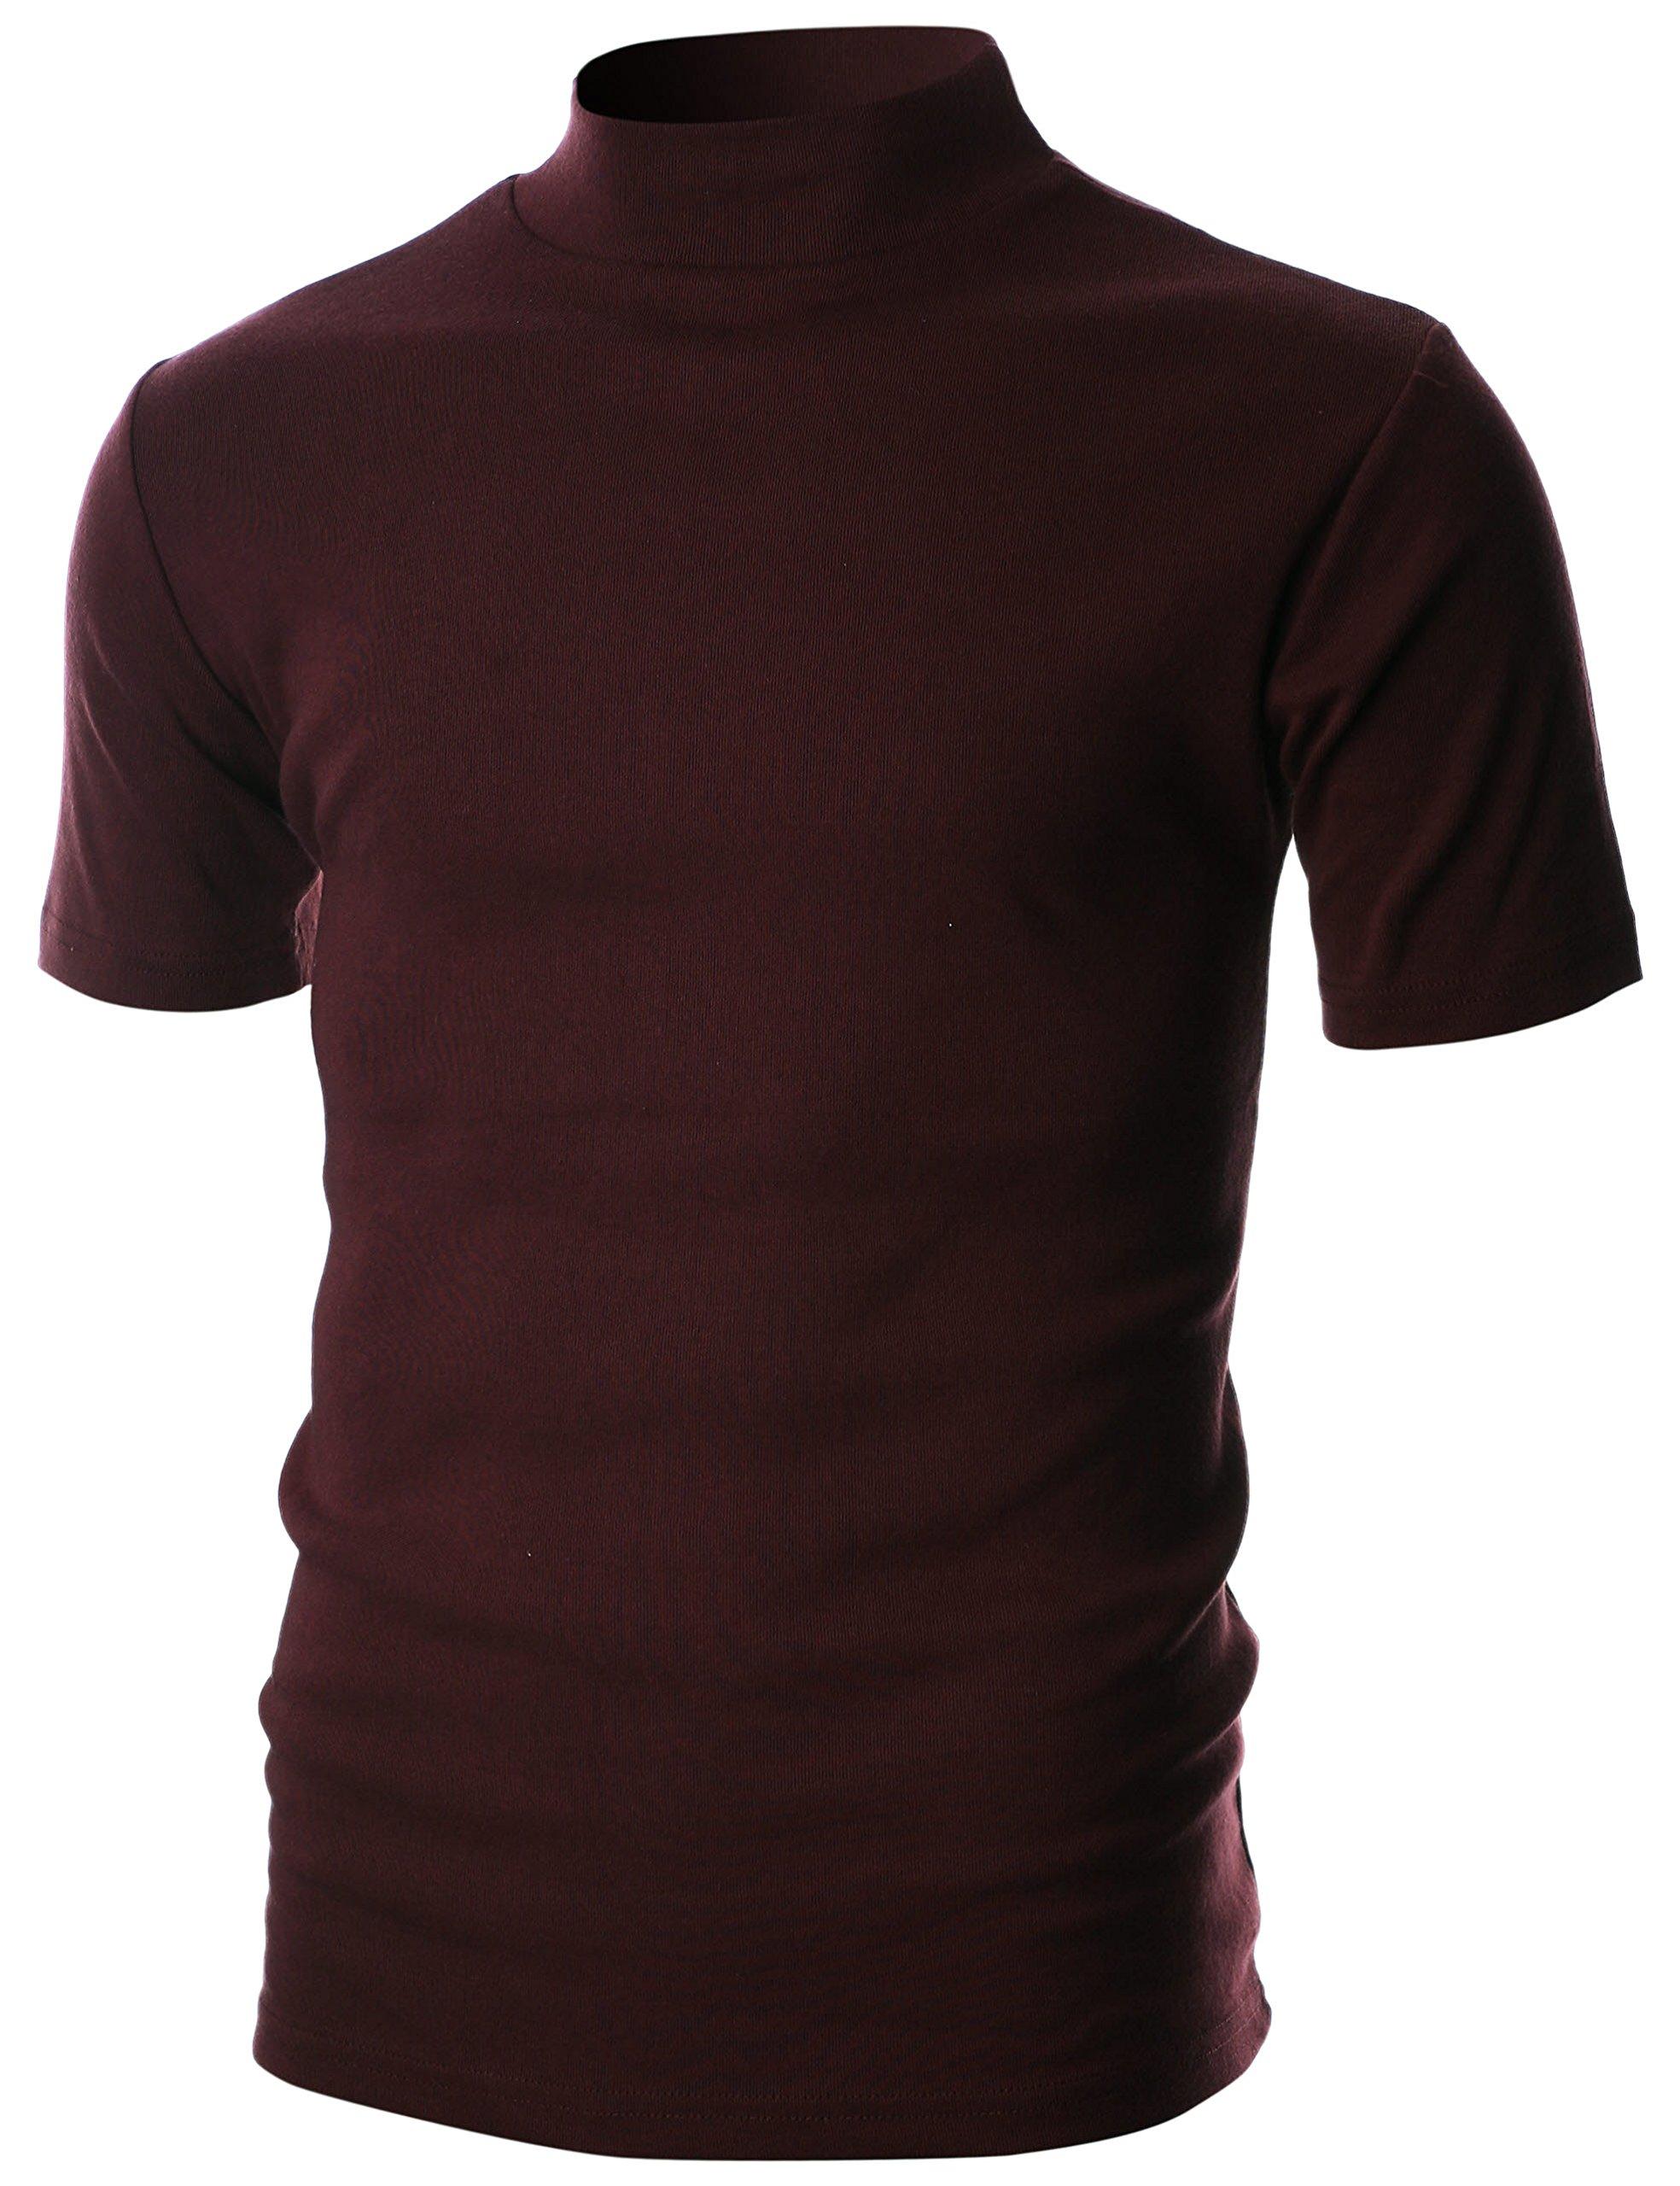 Ohoo Mens Slim Fit Flice Short Sleeve Pullover Lightweight Mockneck/DCT105-BURGUNDY-XL